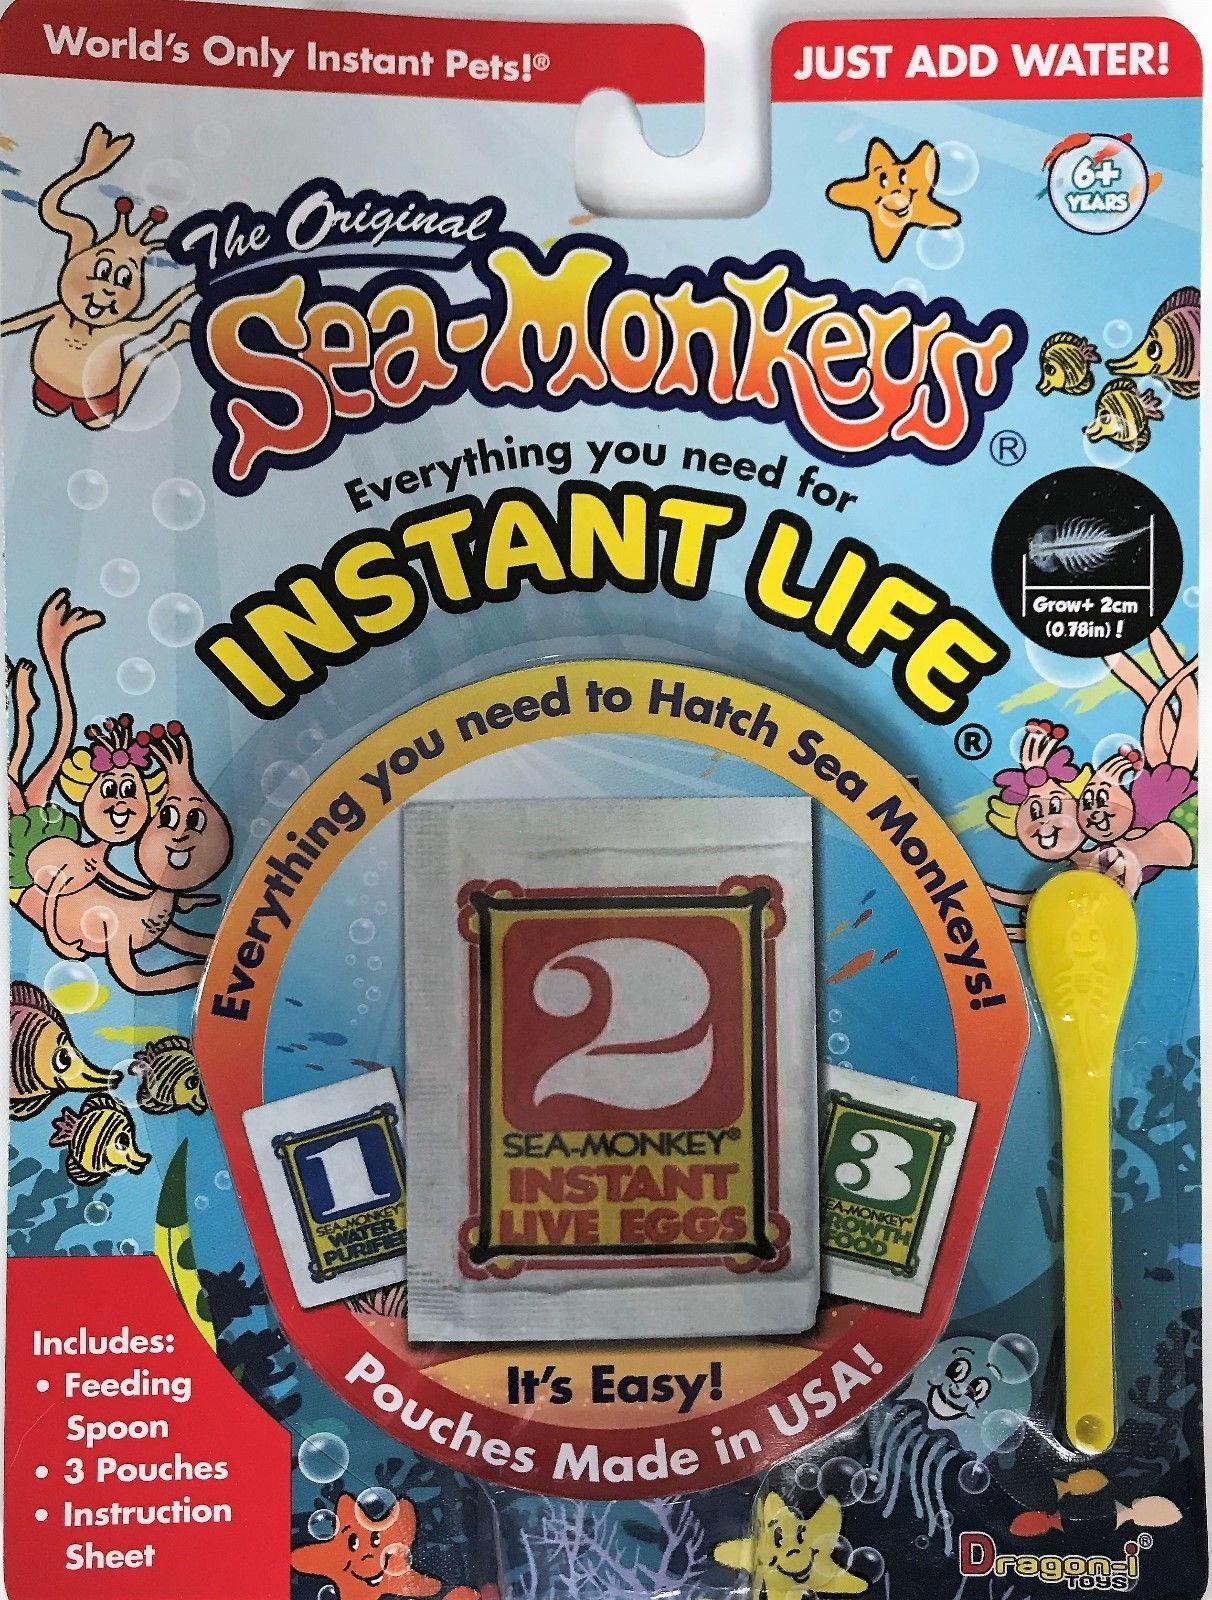 Details about Amazing Live Sea Monkeys Original Instant